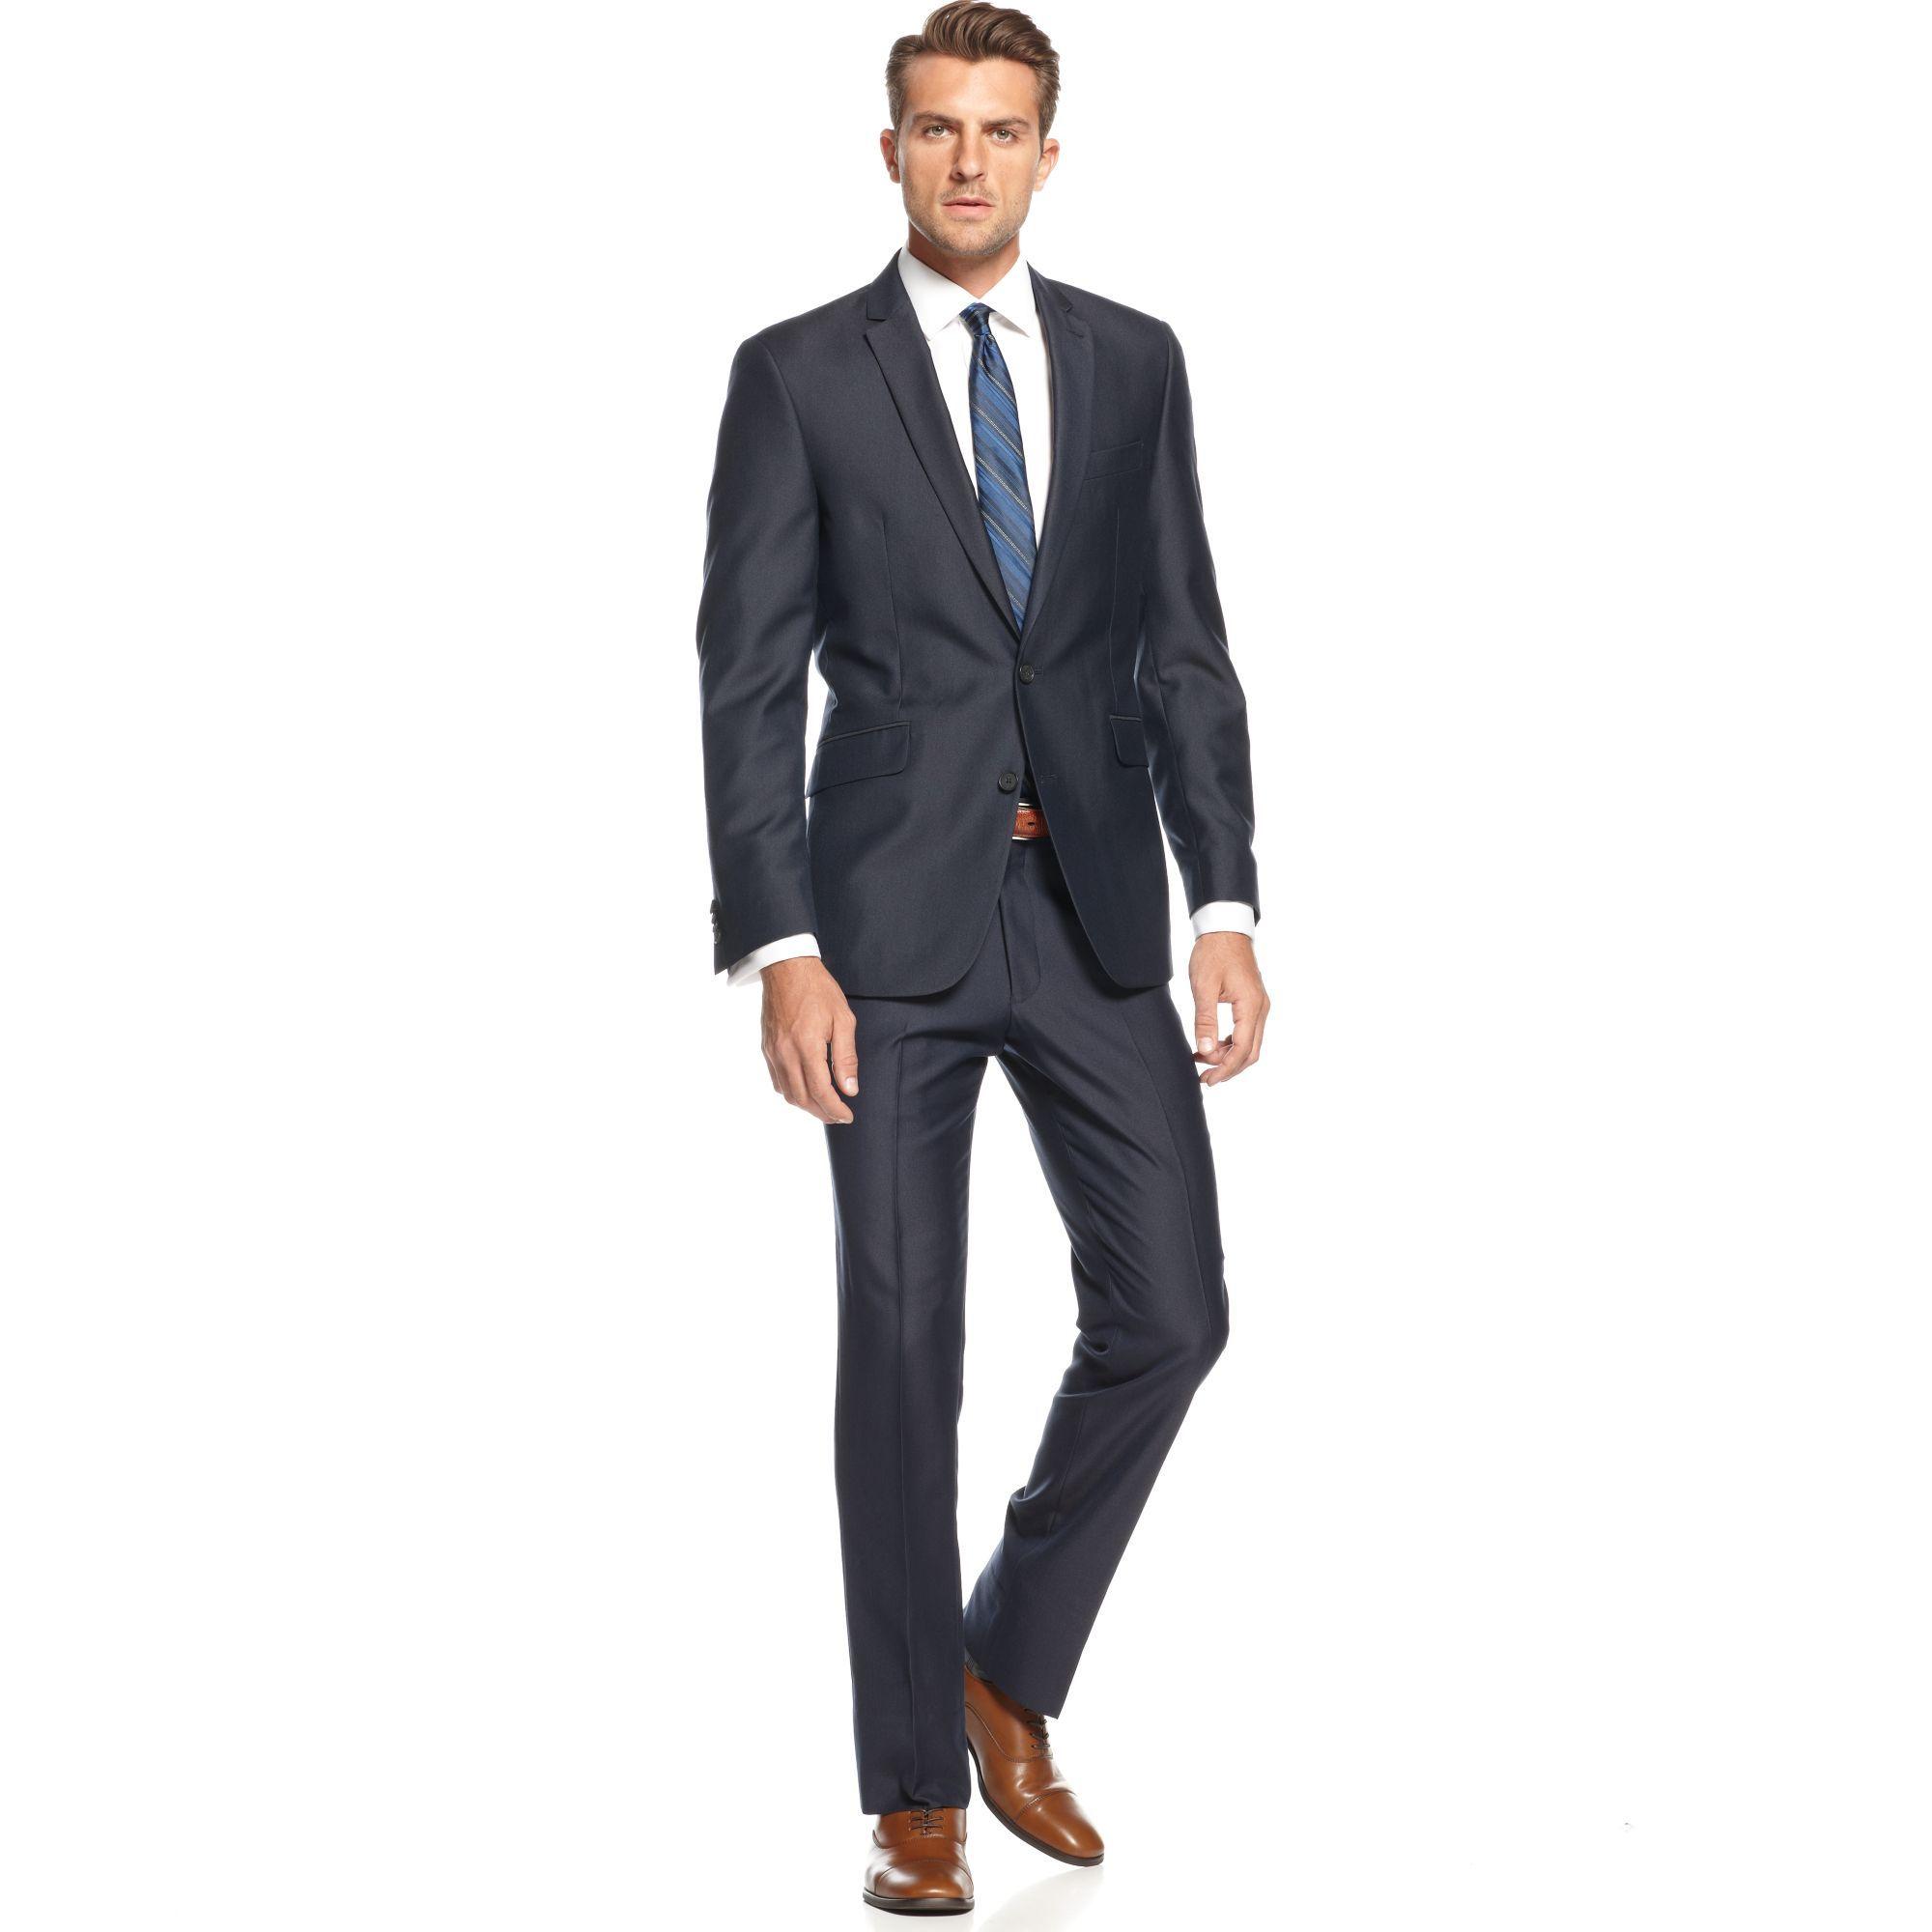 Explore Suits & Suit Separates, Men's Suits, and more!